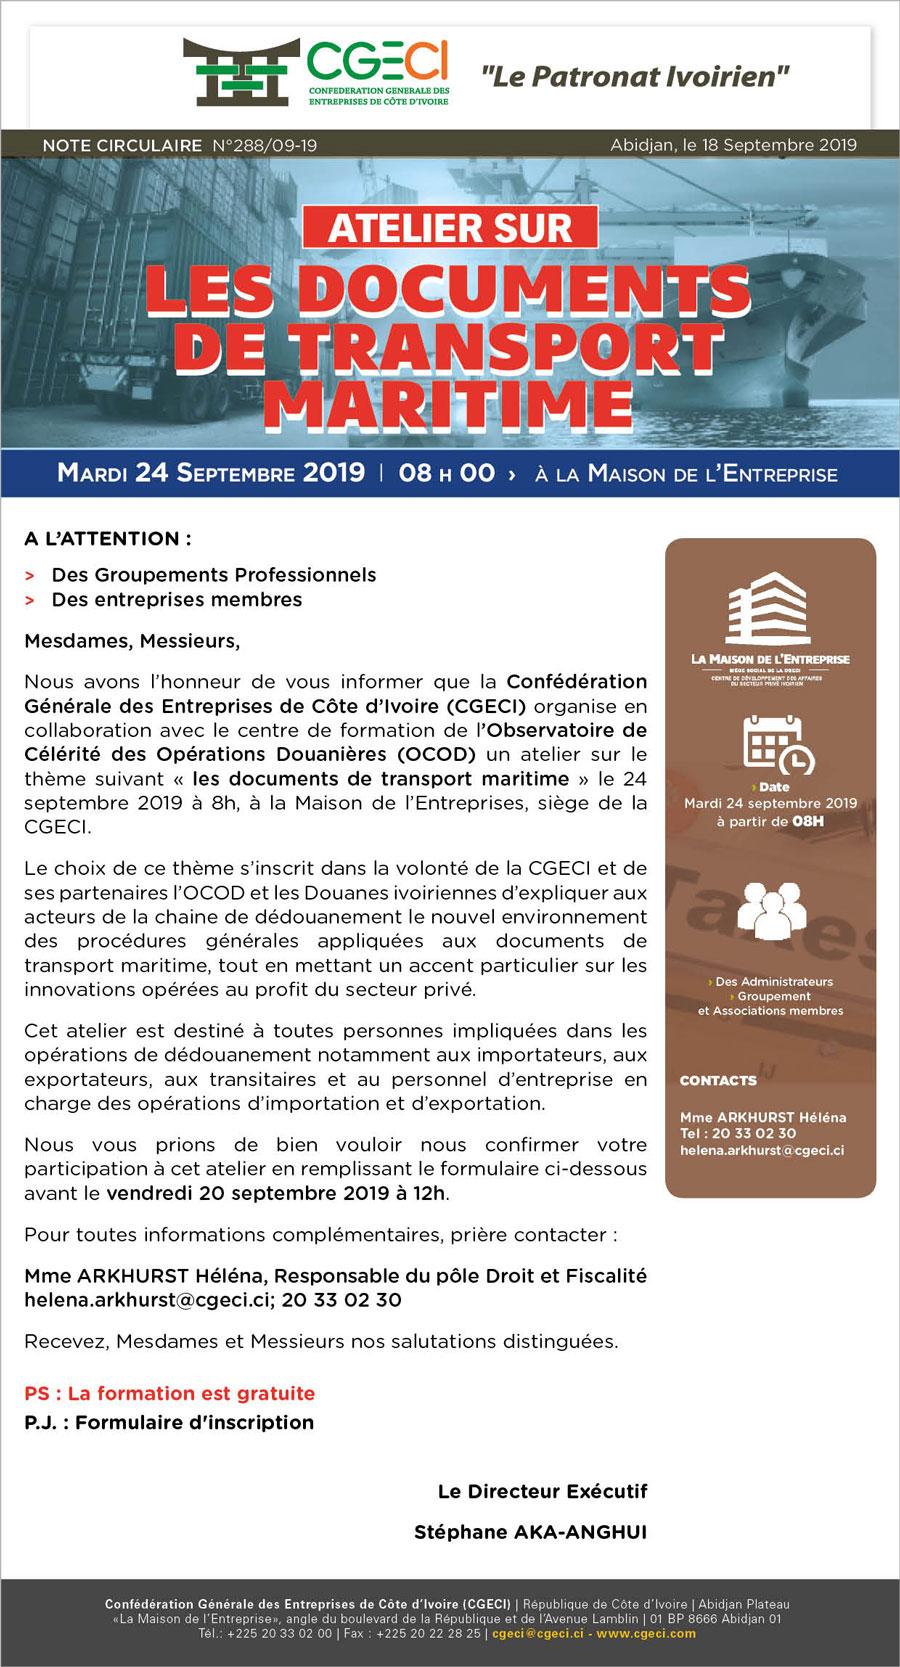 les documents de transport maritime